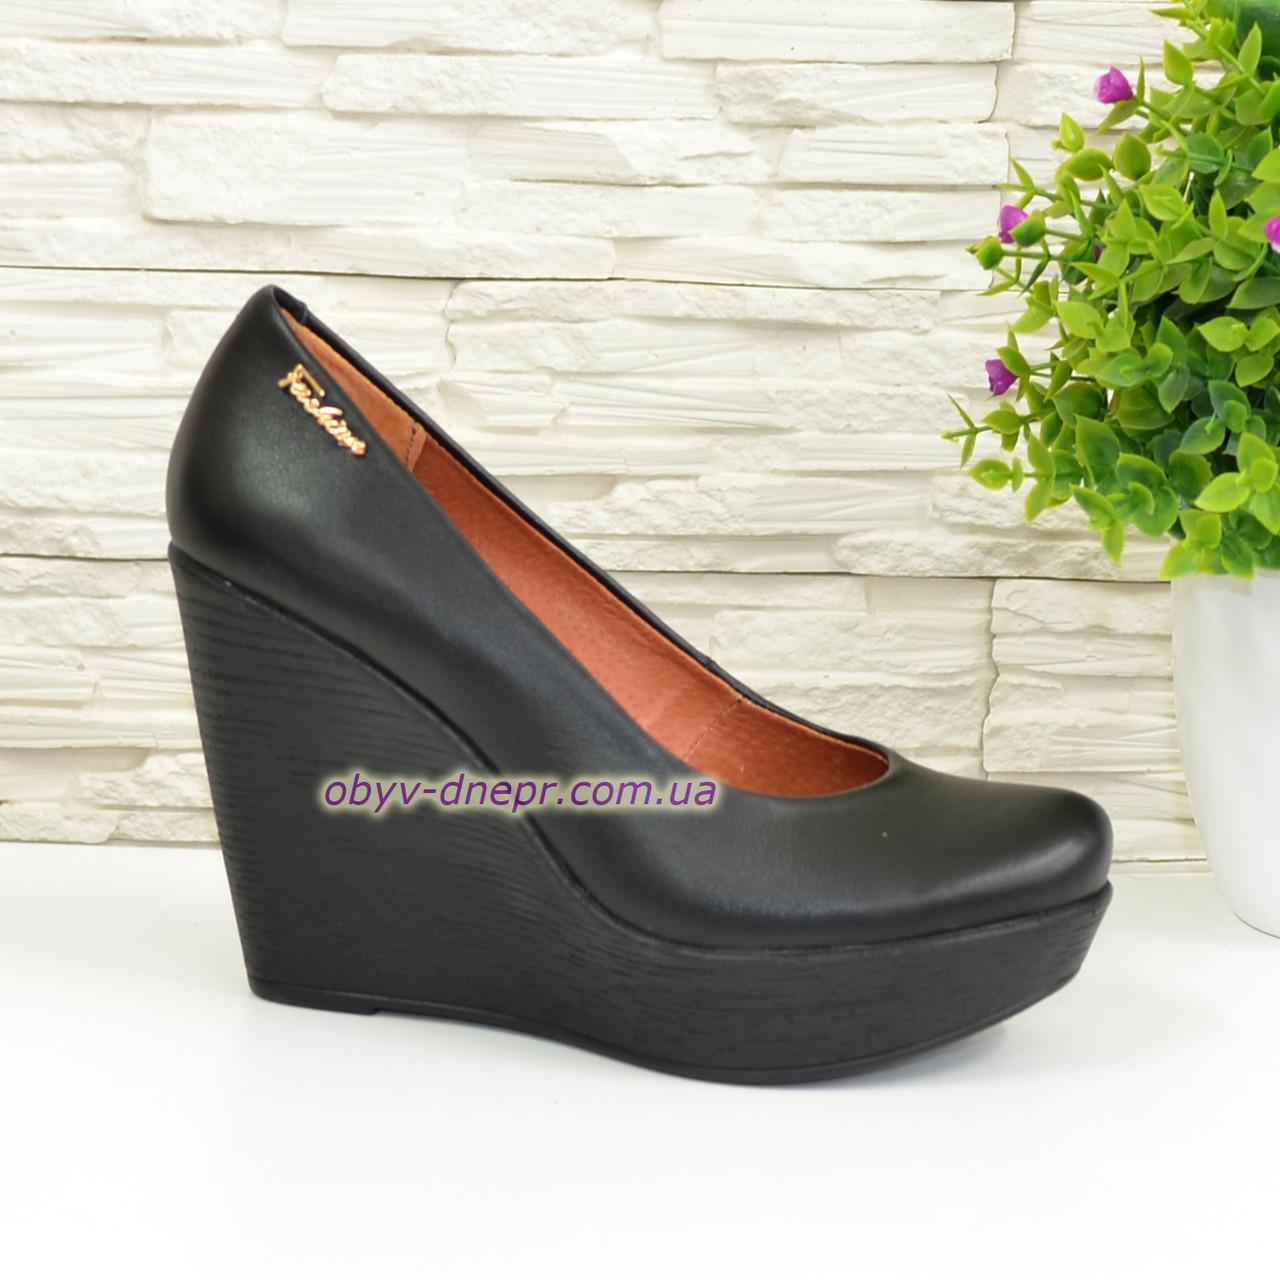 Кожаные женские туфли на устойчивой высокой платформе